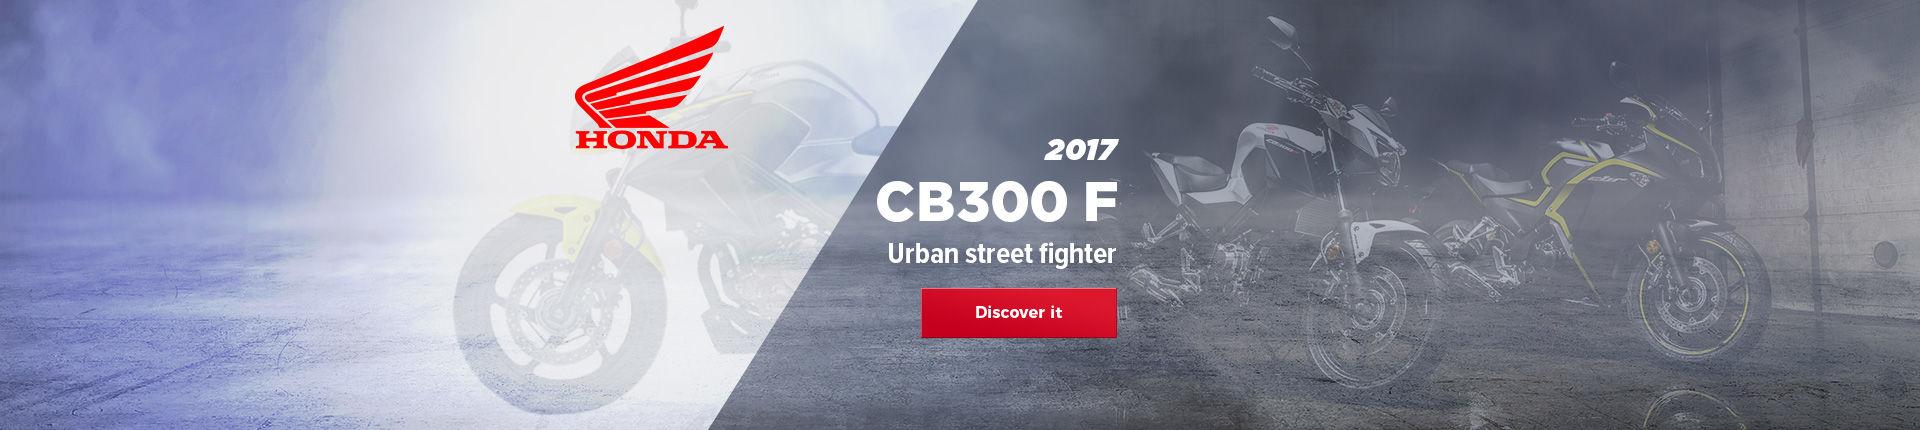 2017 CB300F STANDARD